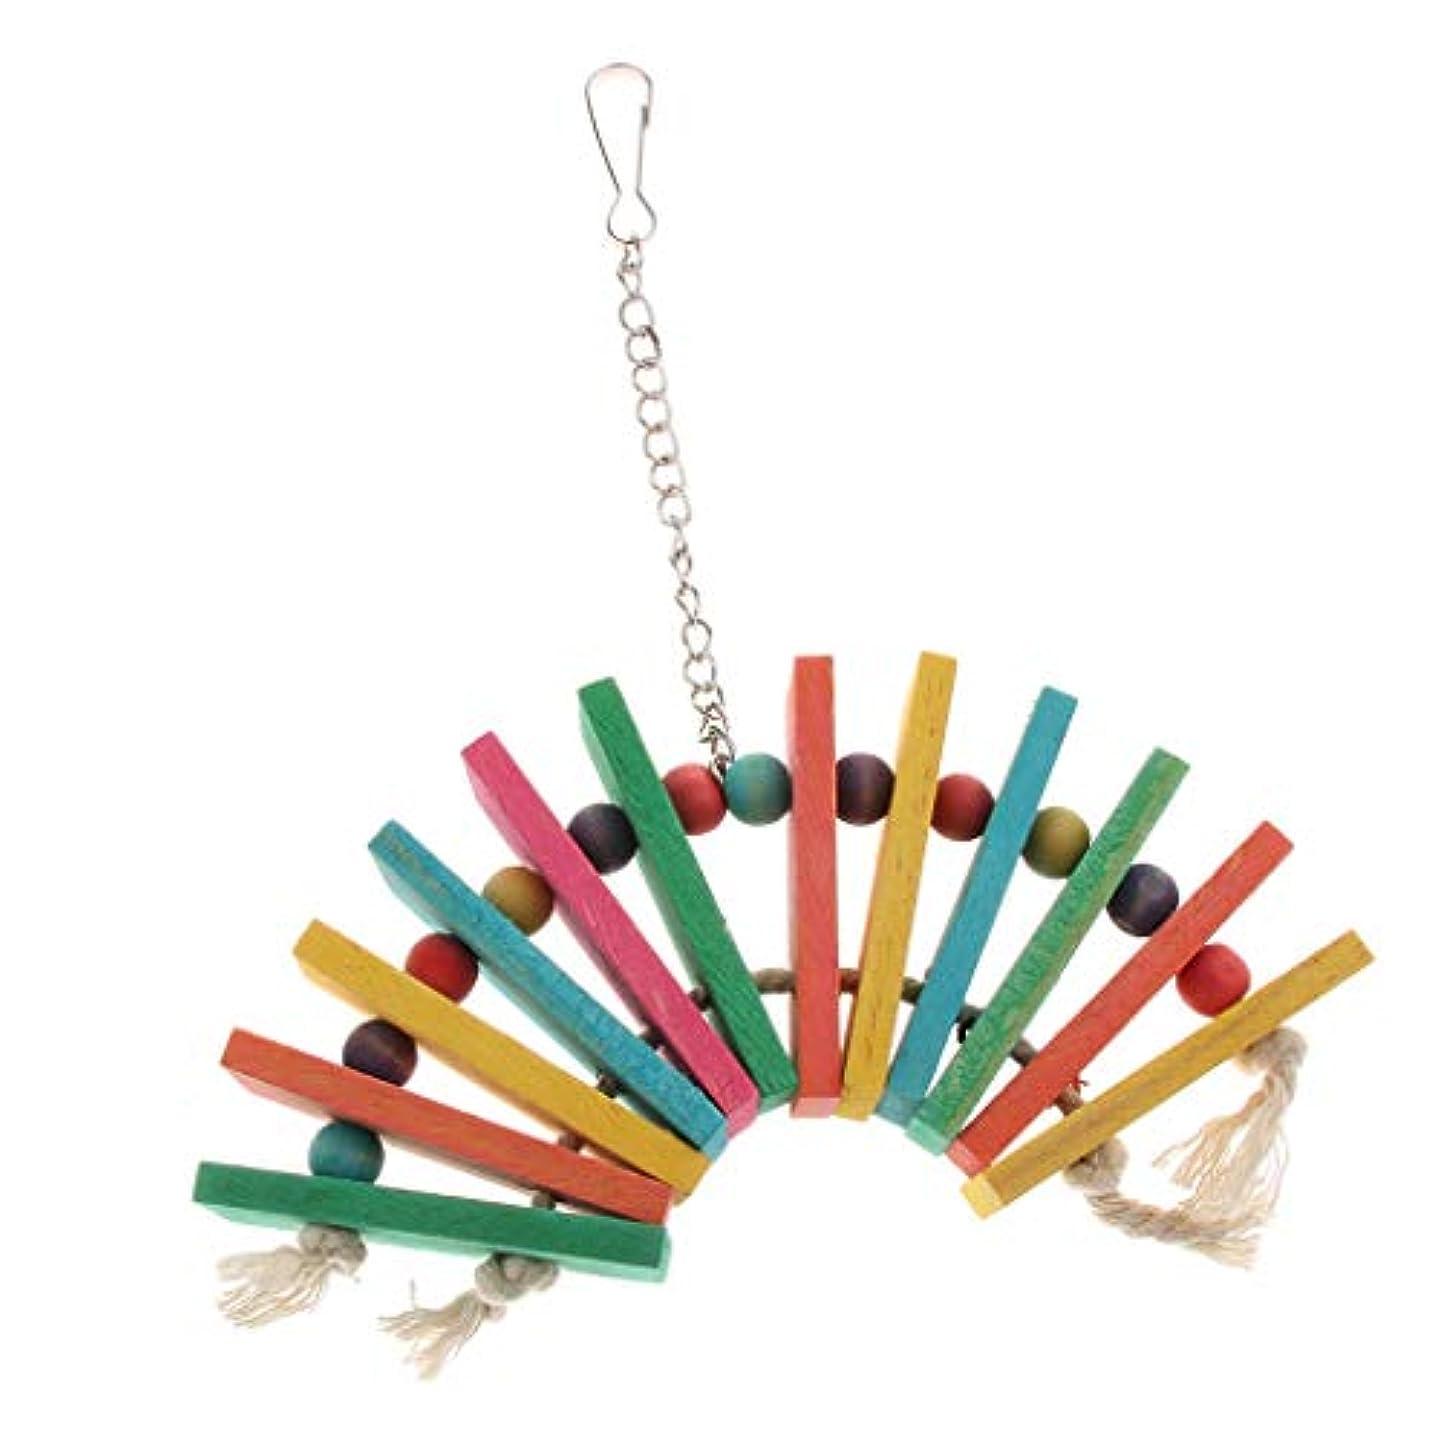 典型的なバット加速度吊り玩具 噛むおもちゃ 遊び場 プラットフォーム ペット用 鳥 オウム ストレス解消 全3種類 - 種類3